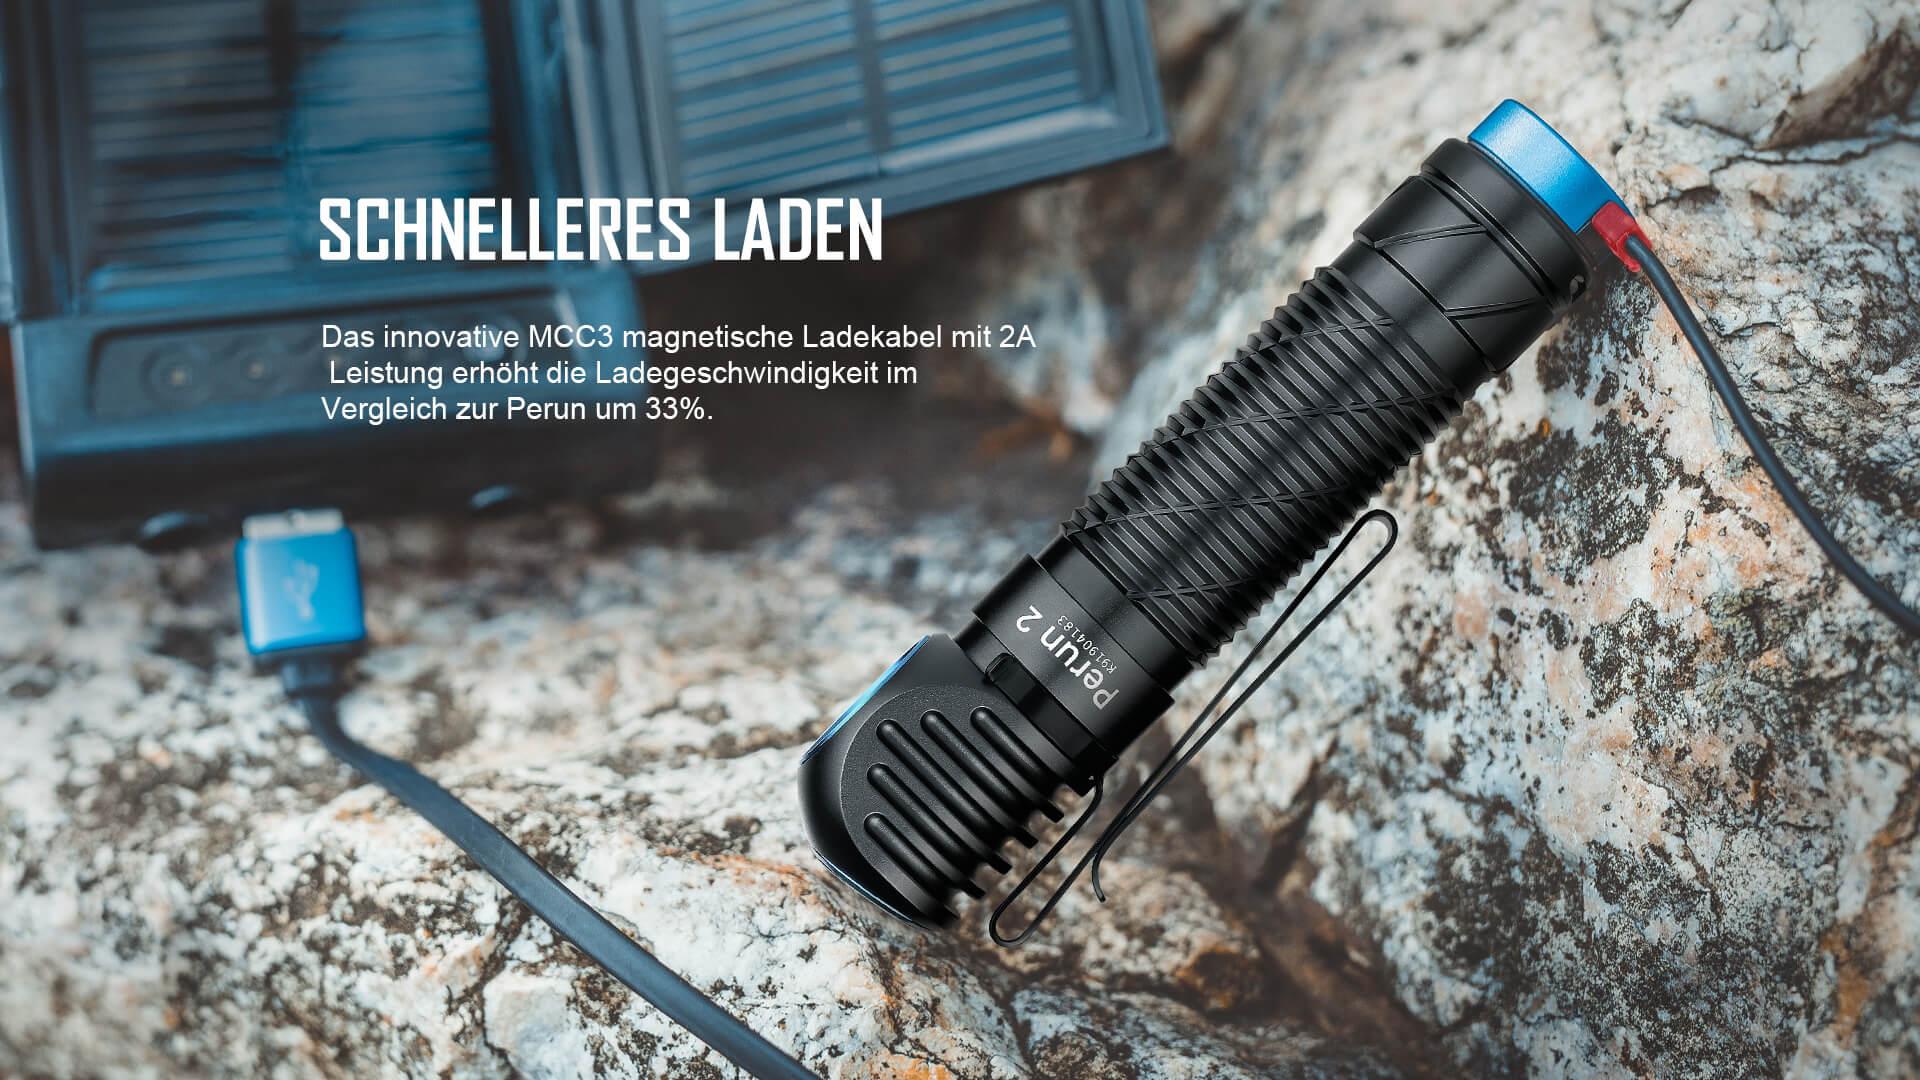 MCC3 magnetisches Ladekabel mit 2A Leistung für Perun 2 Stirnlampe